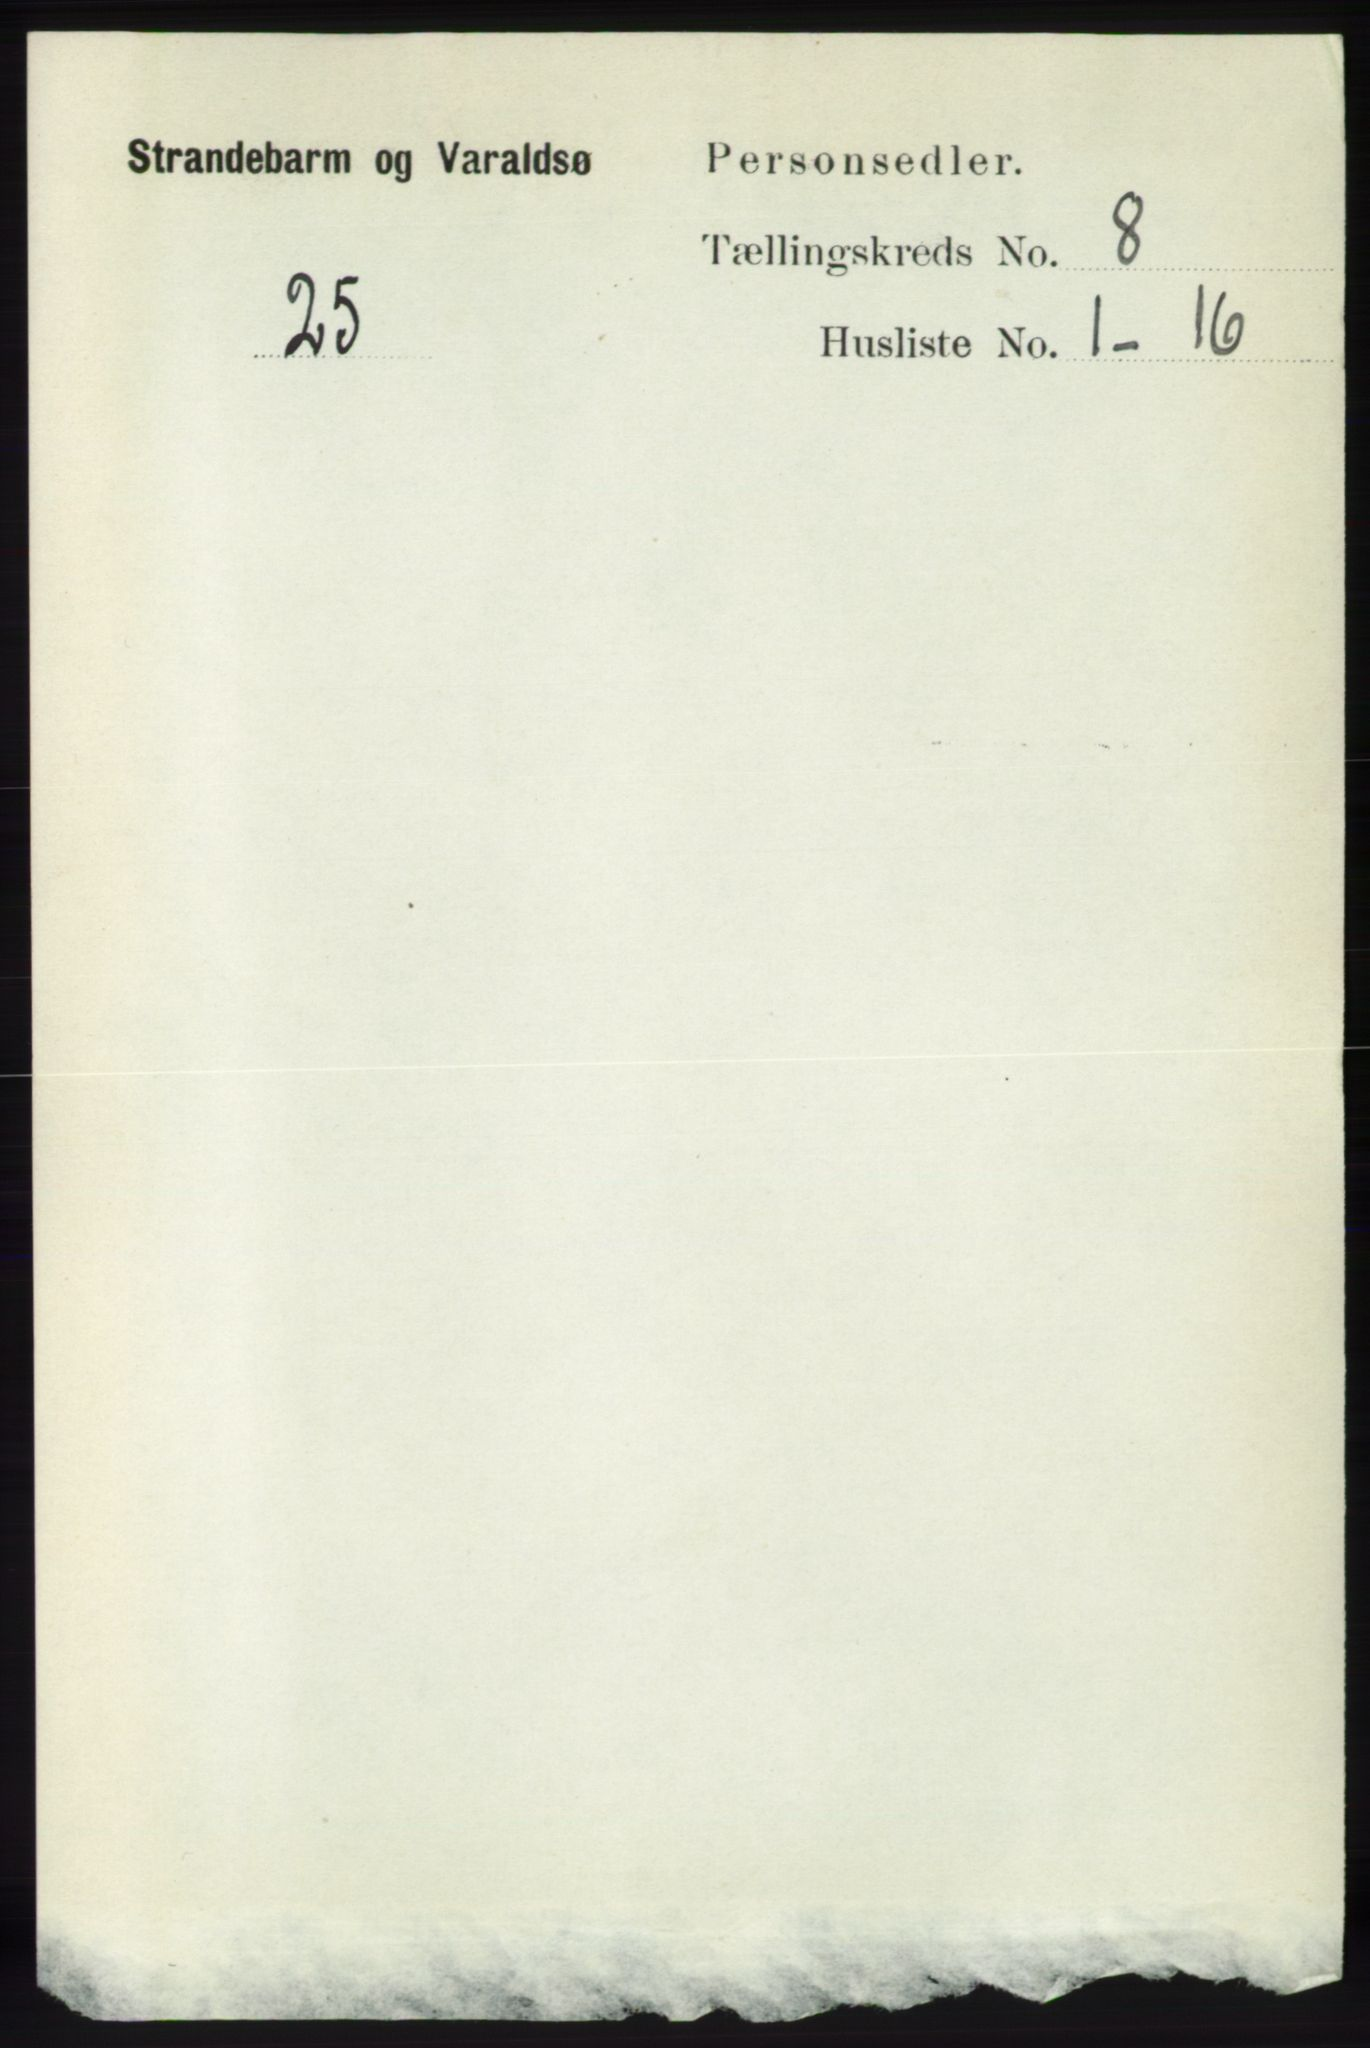 RA, Folketelling 1891 for 1226 Strandebarm og Varaldsøy herred, 1891, s. 2951